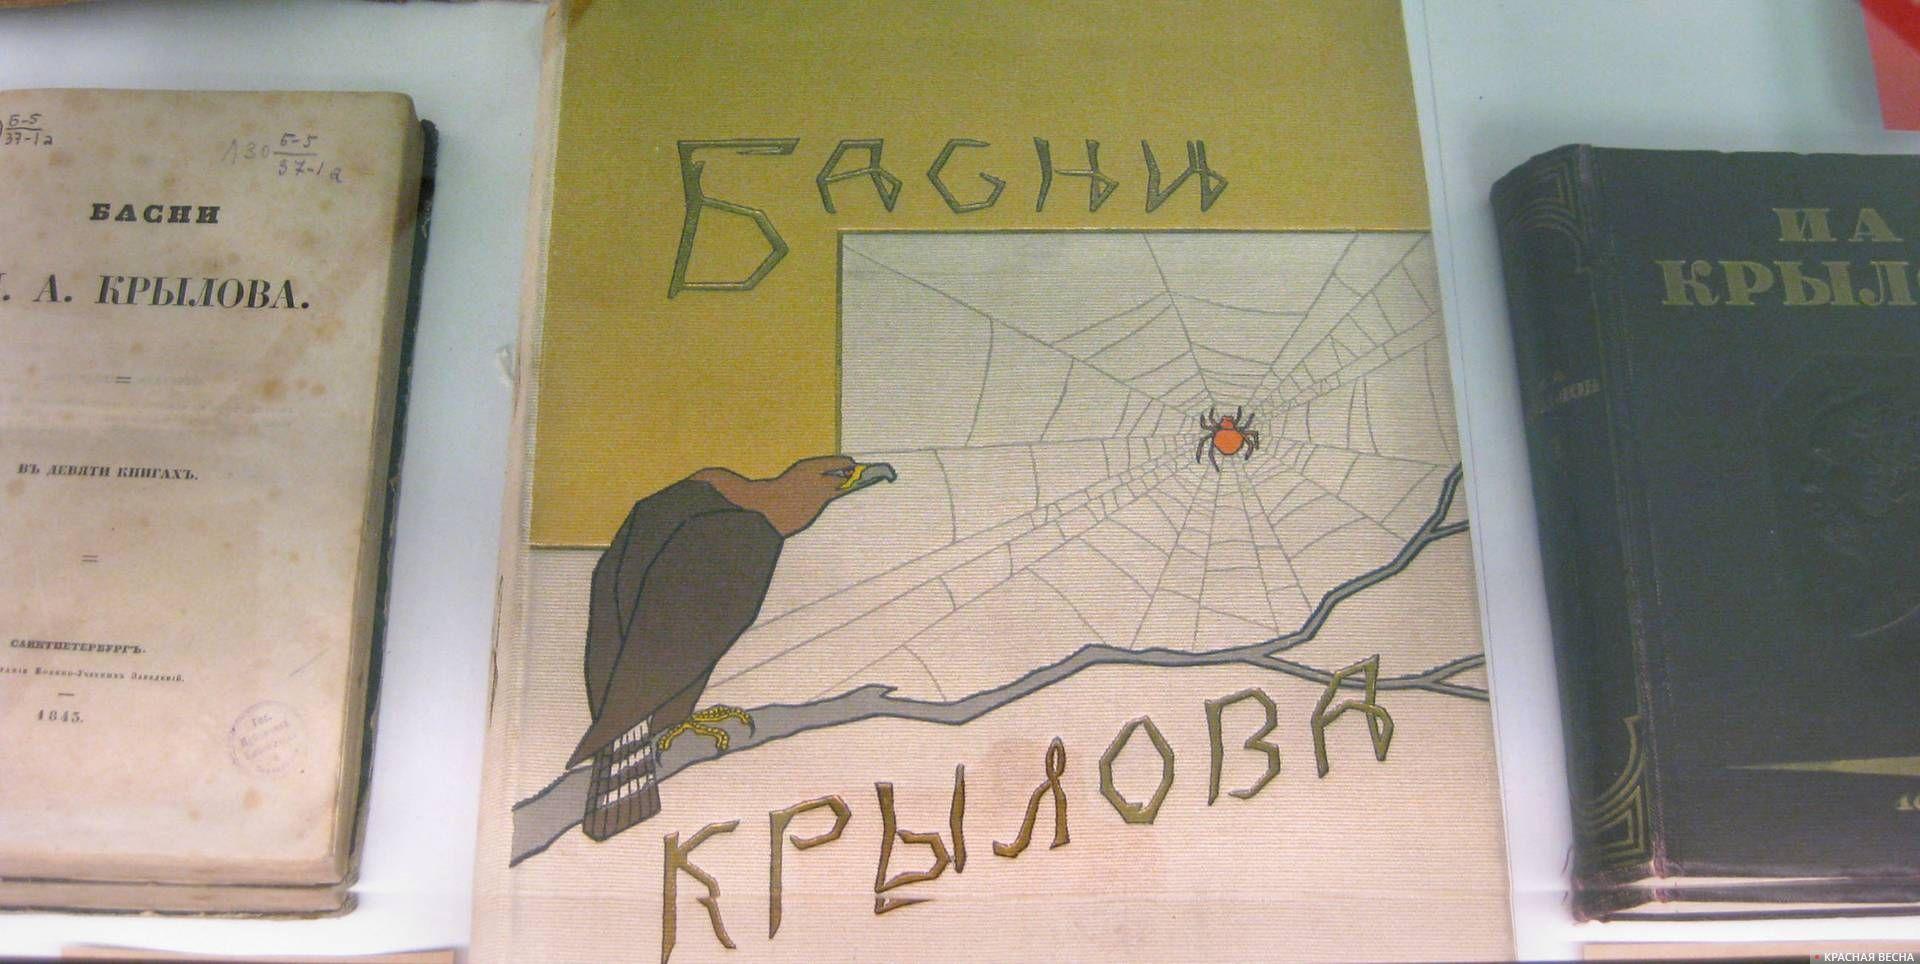 Выставка «Баснословно: Крылов и компания» в Российской национальной библиотеке. Санкт-Петербург. 14.02.2019.